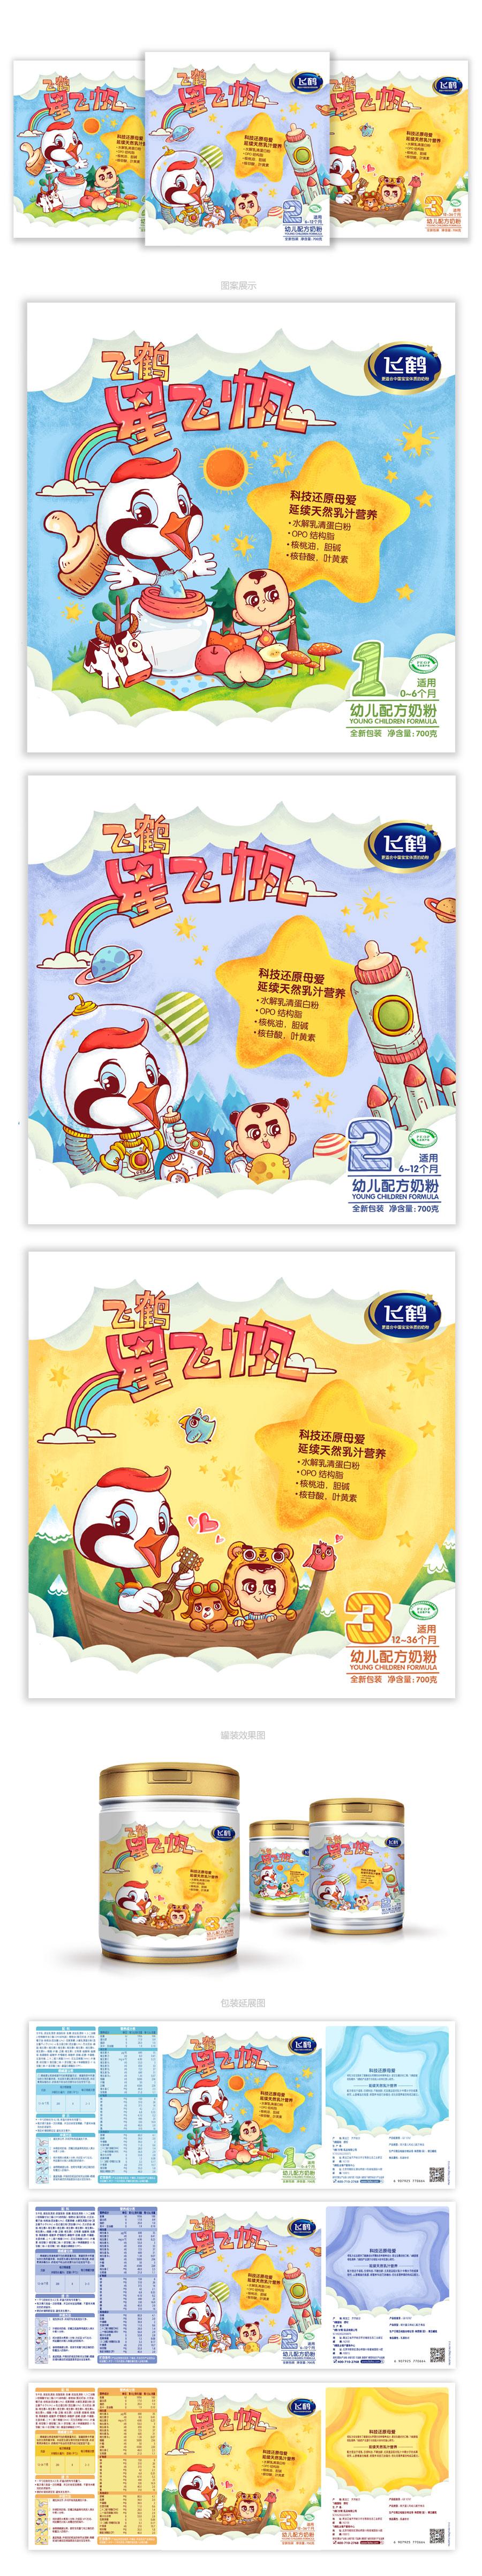 飞鹤奶粉-手绘包装|包装|平面|爆炸炒饭儿 - 原创设计